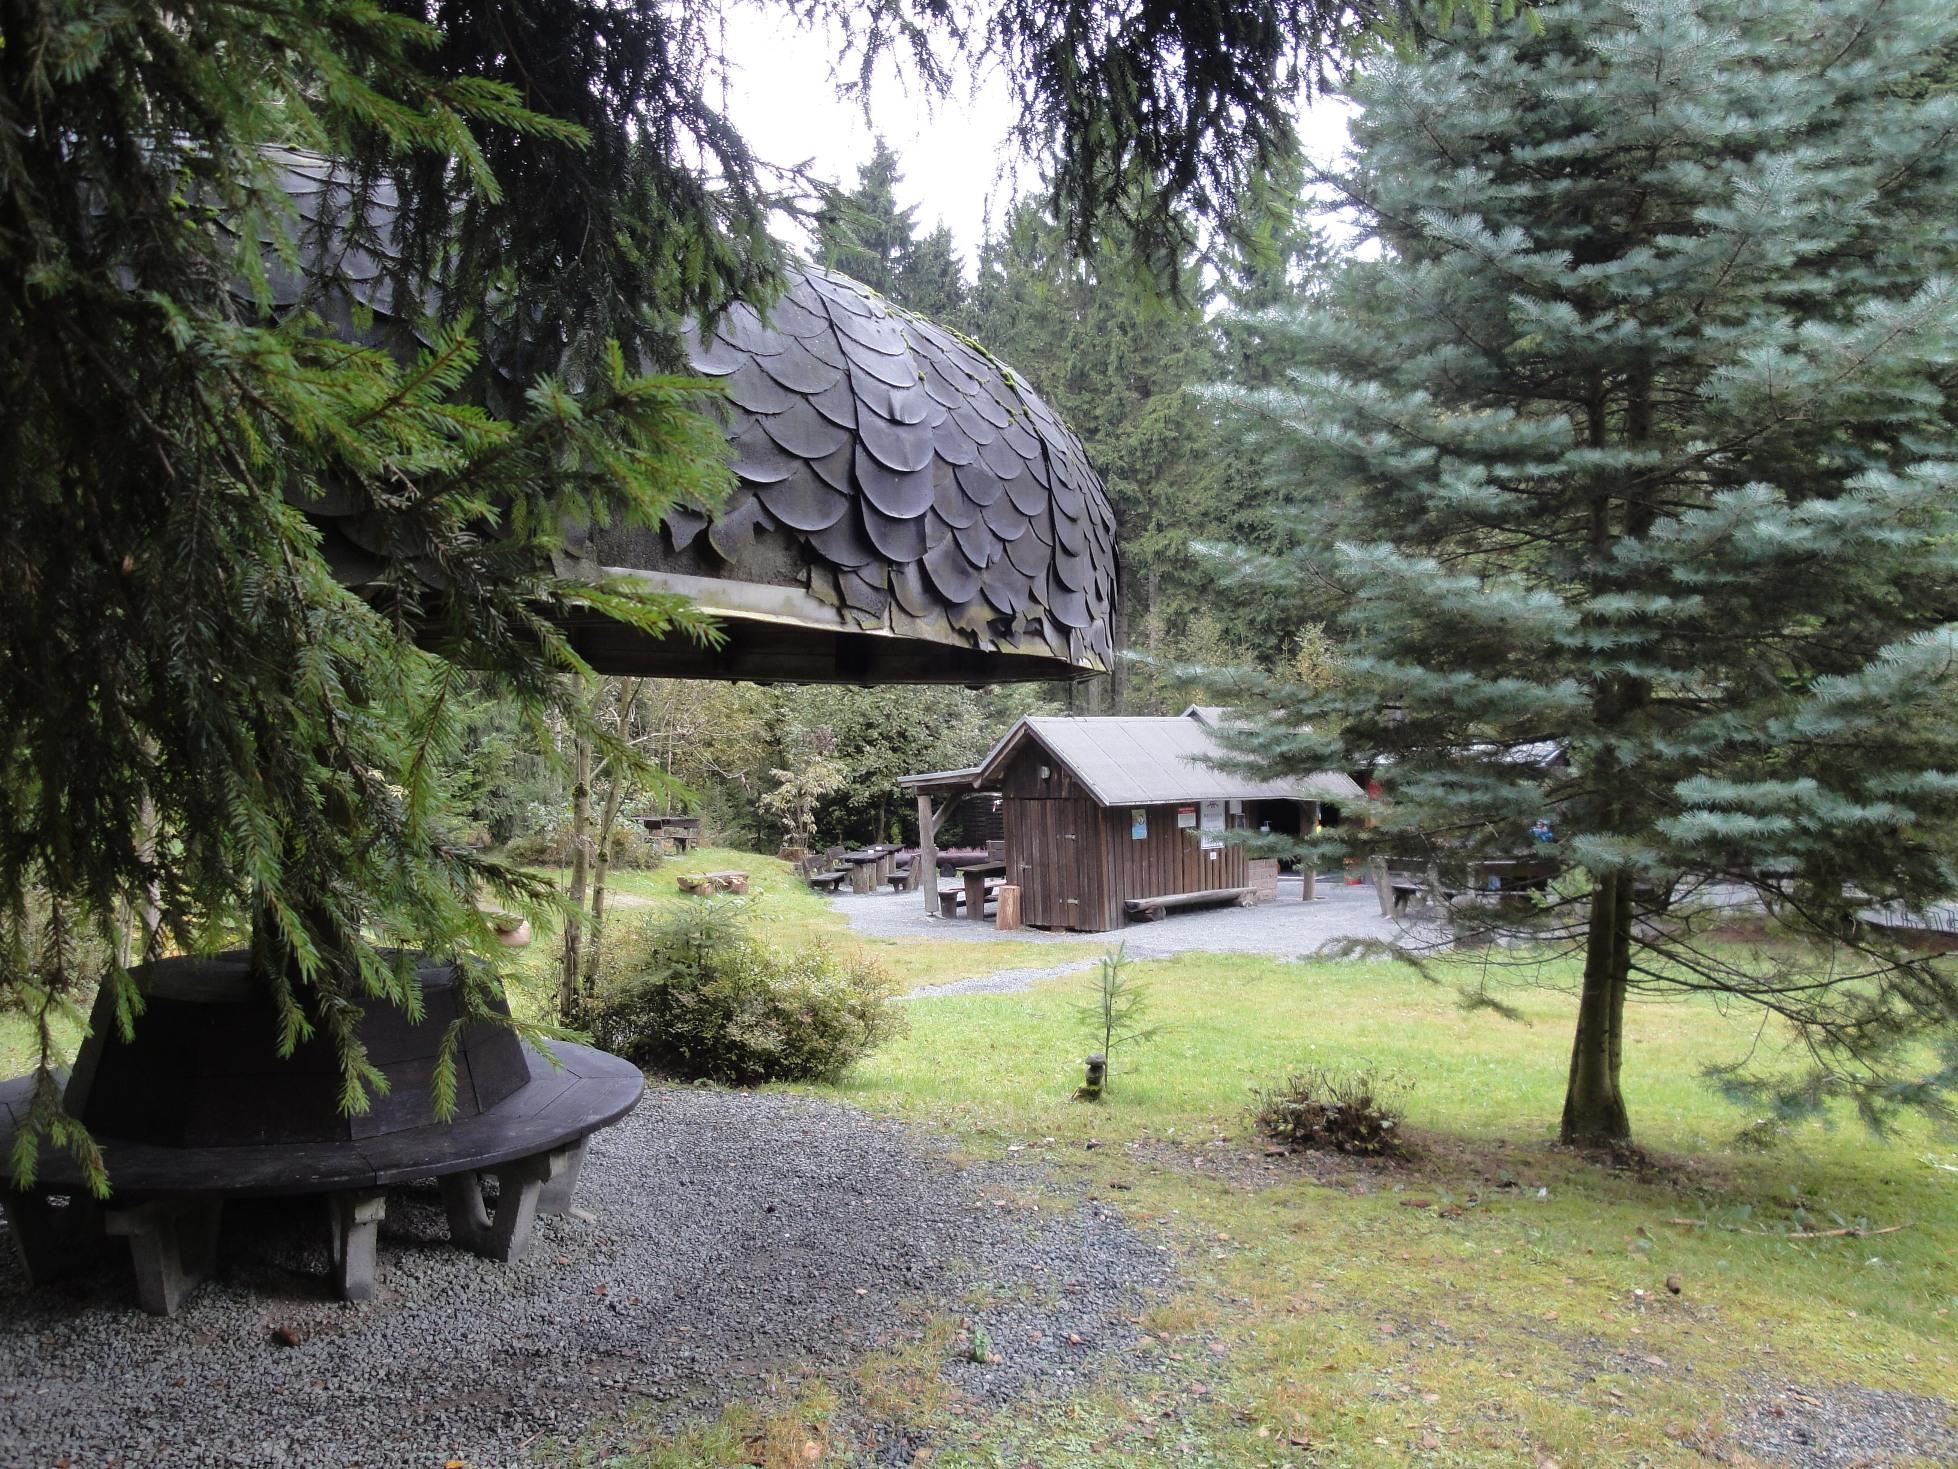 Meilerhütte - Rastplatz mit Imbiss